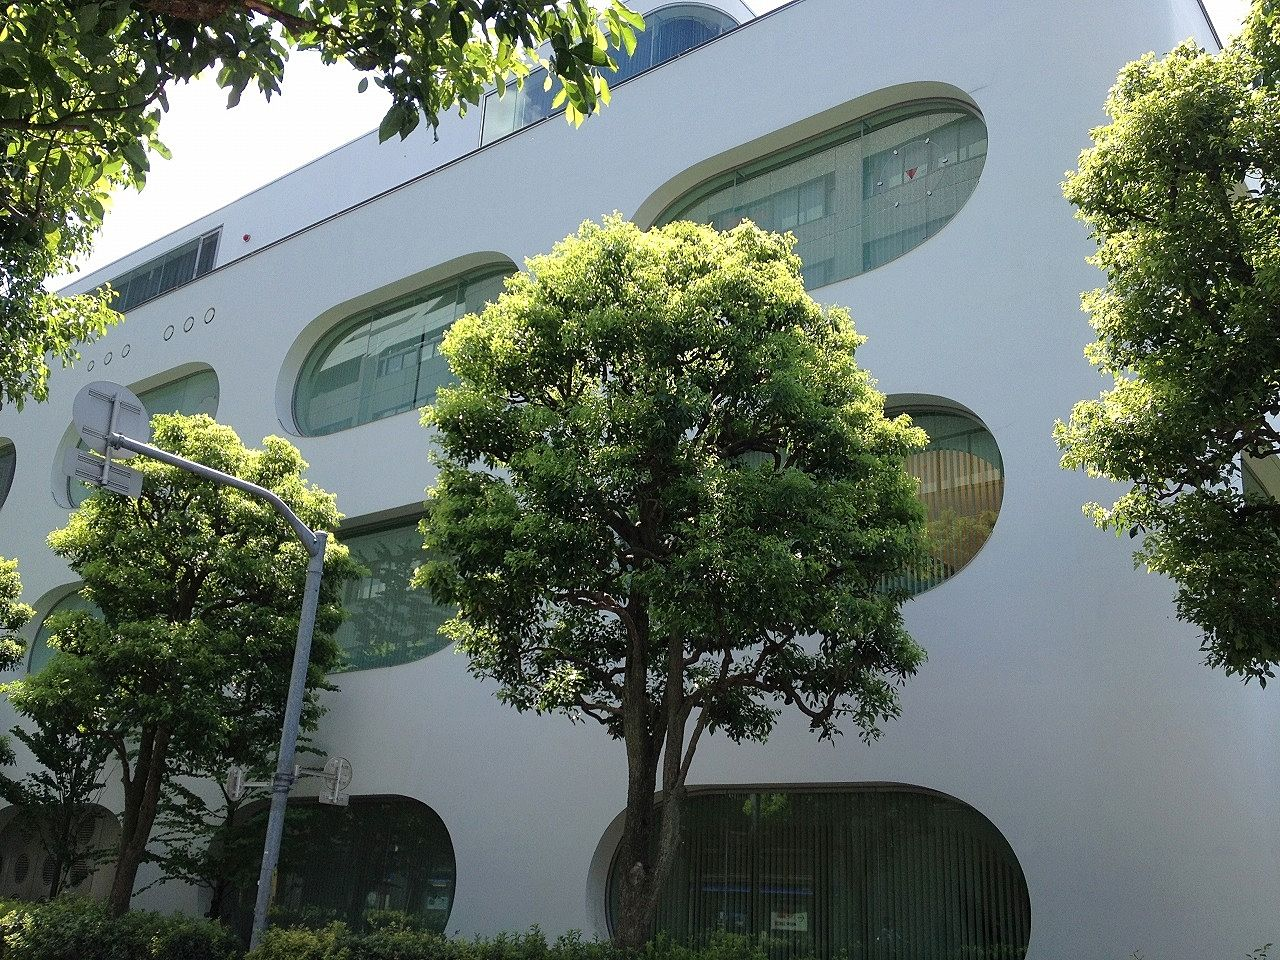 武蔵境駅前にある武蔵野プレイス。図書館だけでなく地元密着のイベントもあります